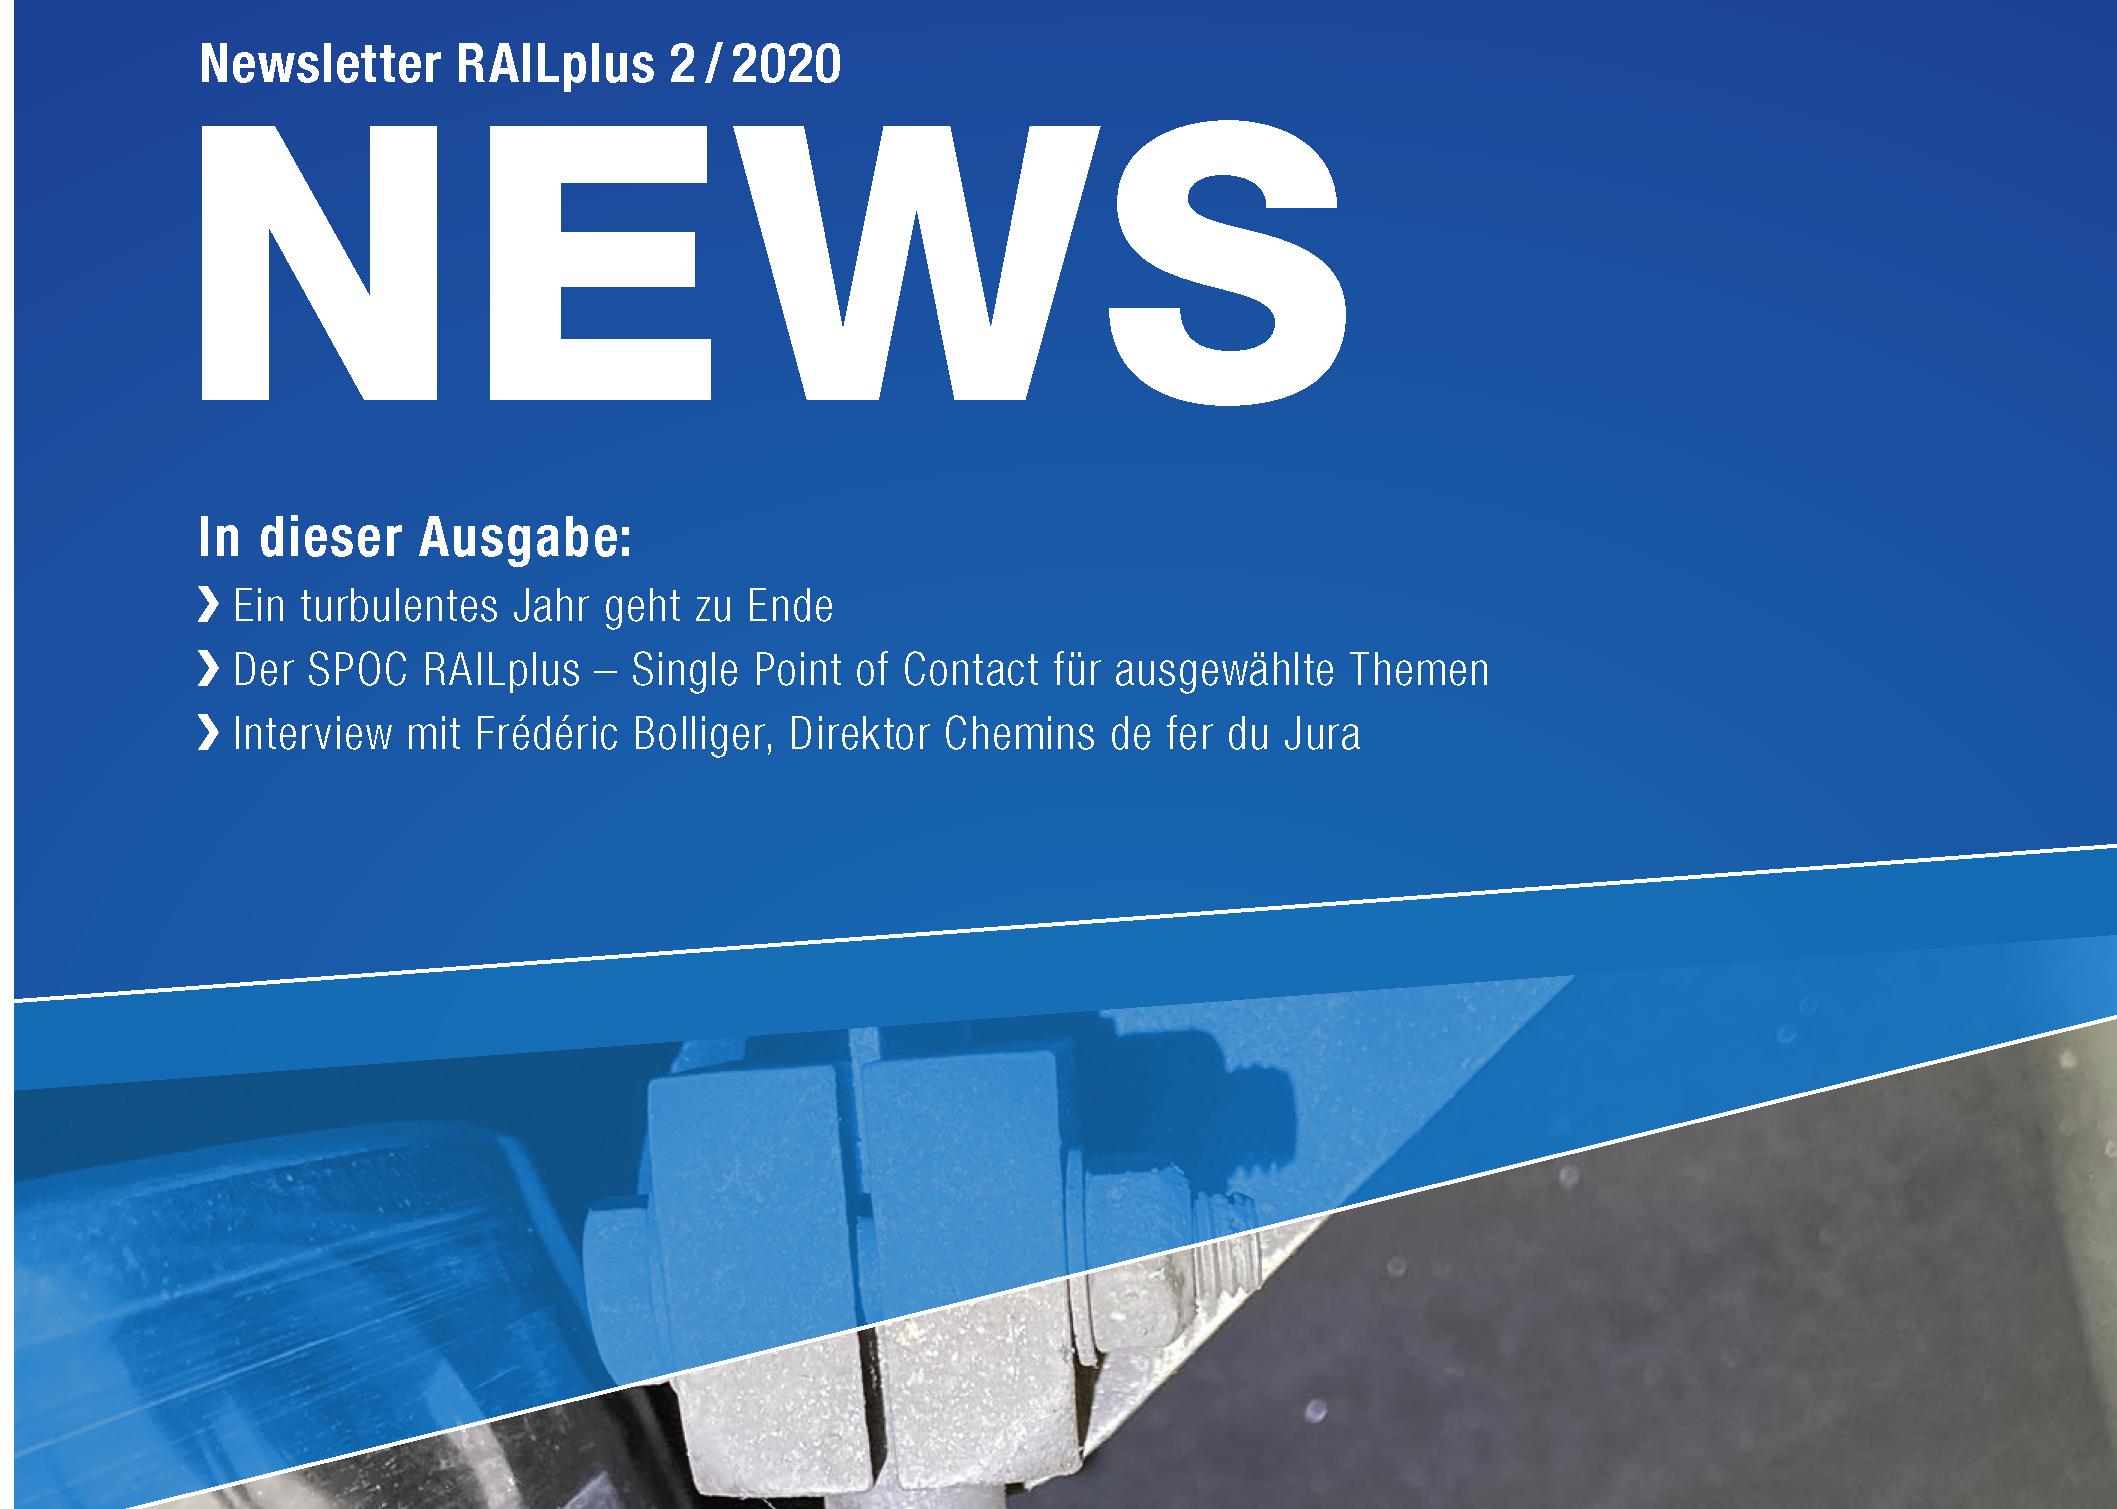 https://f.hubspotusercontent10.net/hubfs/2785812/Website/News/Newsletter%20PDFs/0008.0120009_RailPlus_Flyer_Newsletter_210x297_D_WEB_ES.pdf